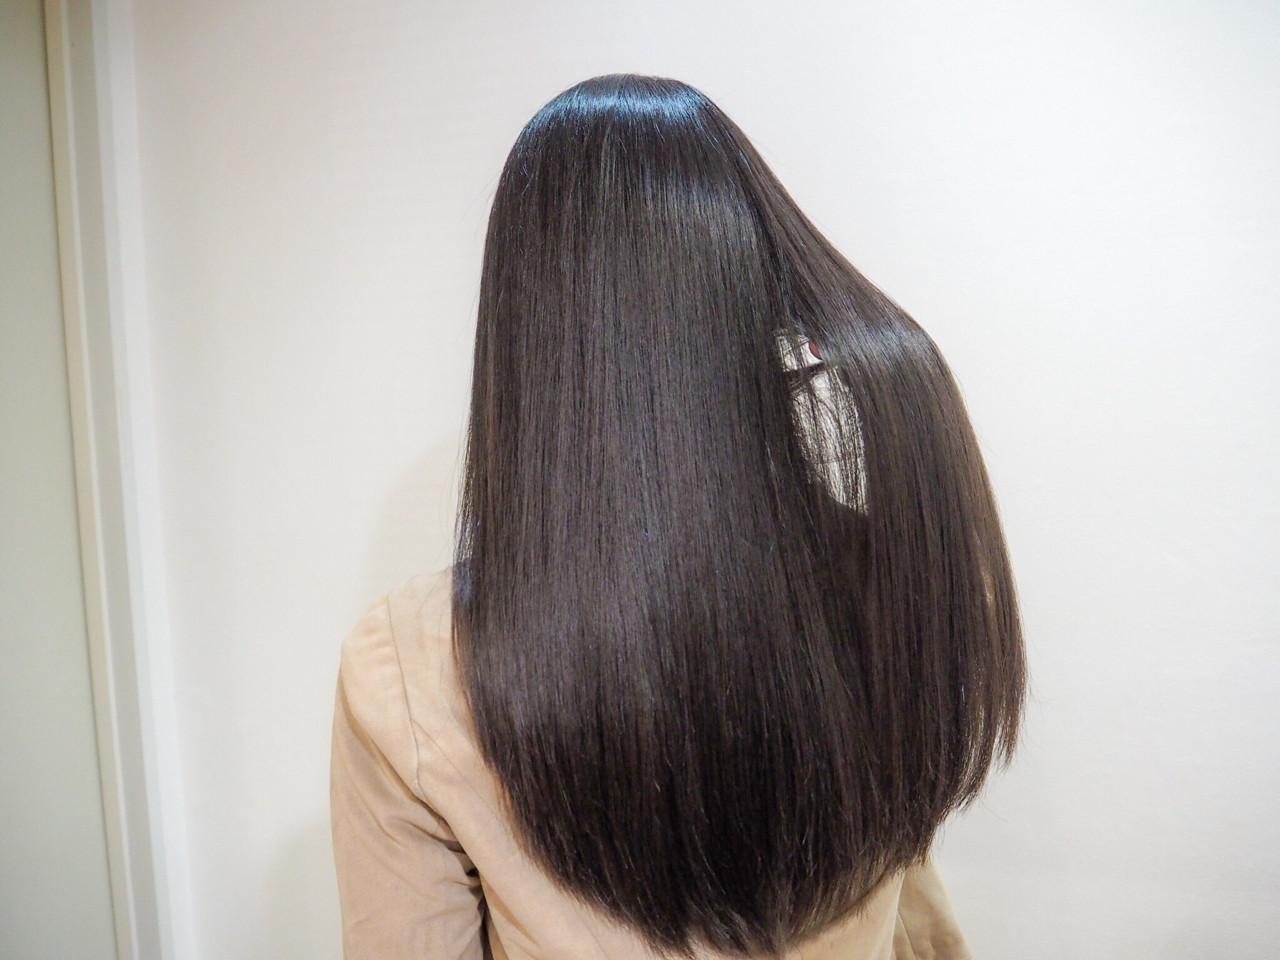 ナチュラル 黒髪 ロング 艶髪 ヘアスタイルや髪型の写真・画像